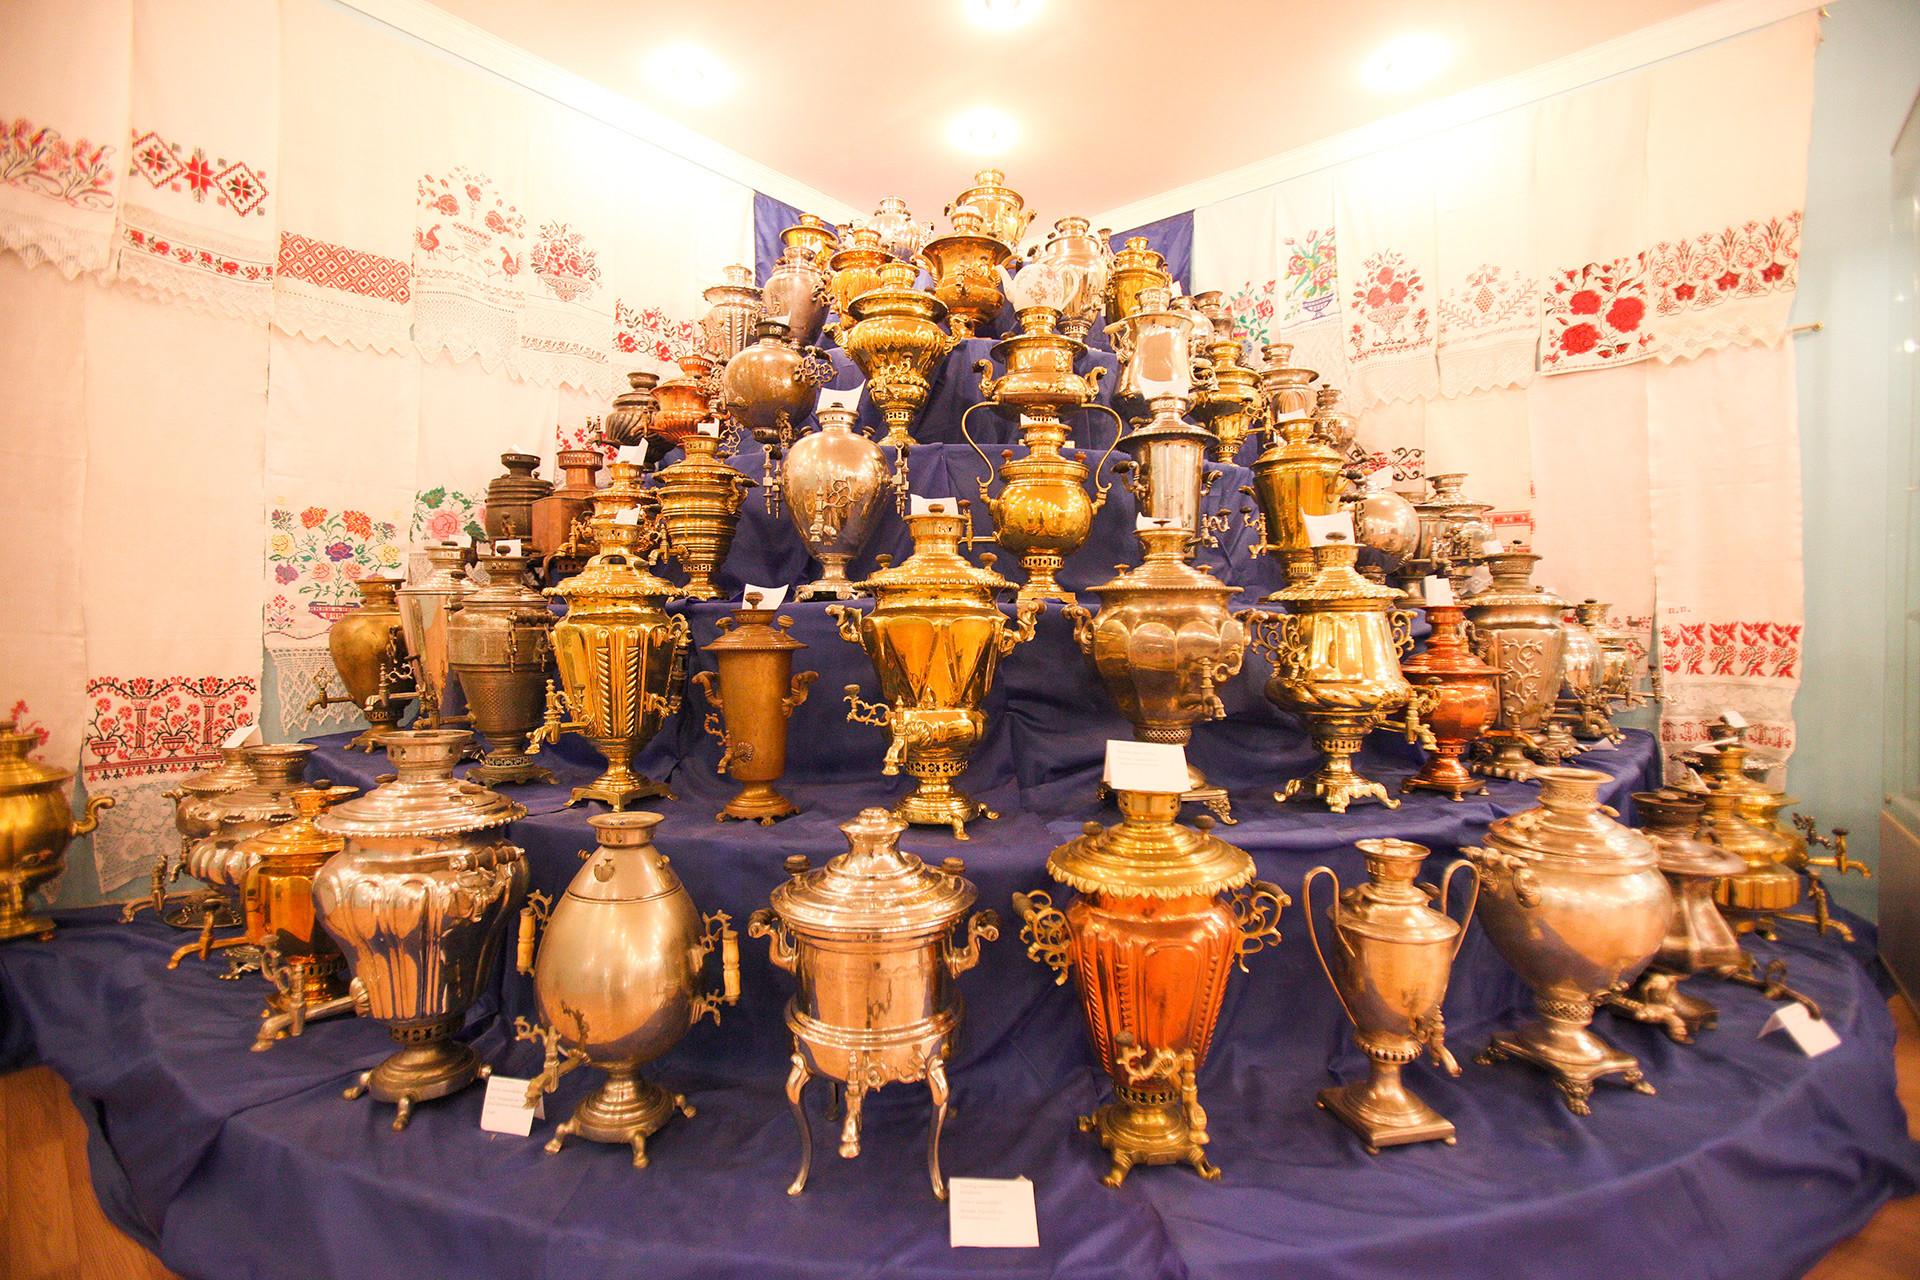 カシモフ市にある「ロシアのサモワール」博物館の展示物